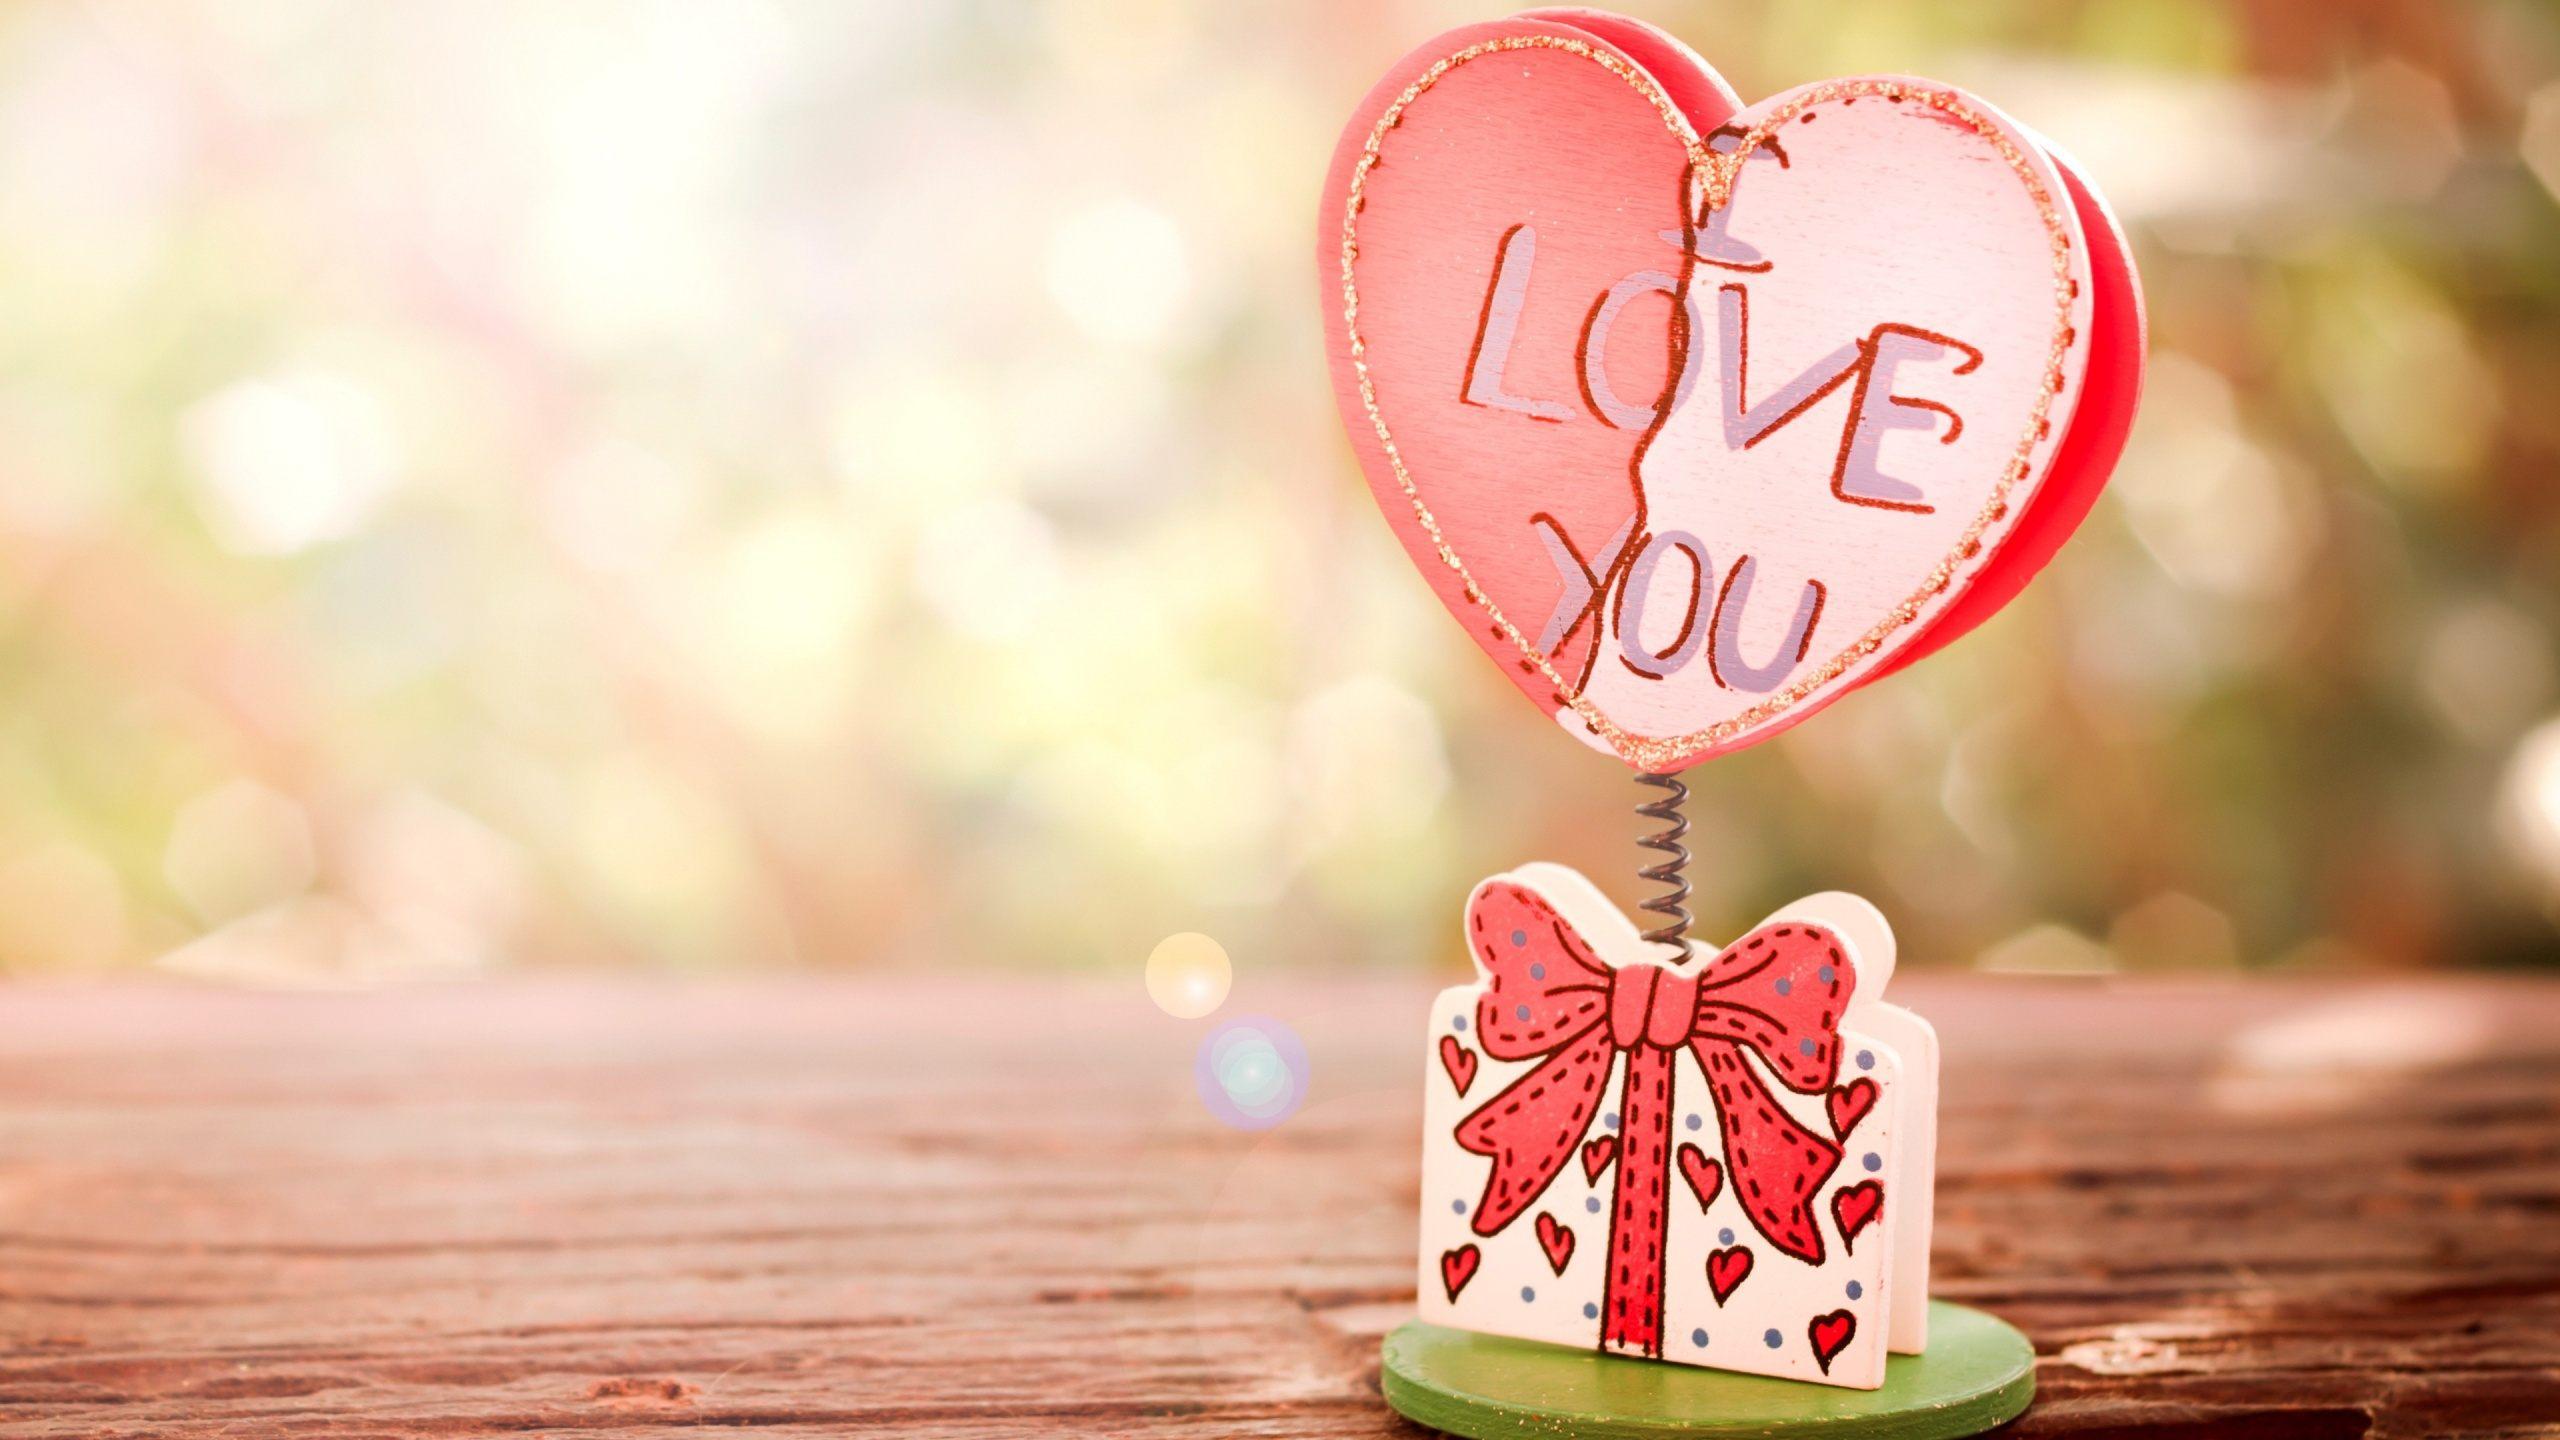 Cute Love Wallpaper Full HD Download Desktop, Mobile